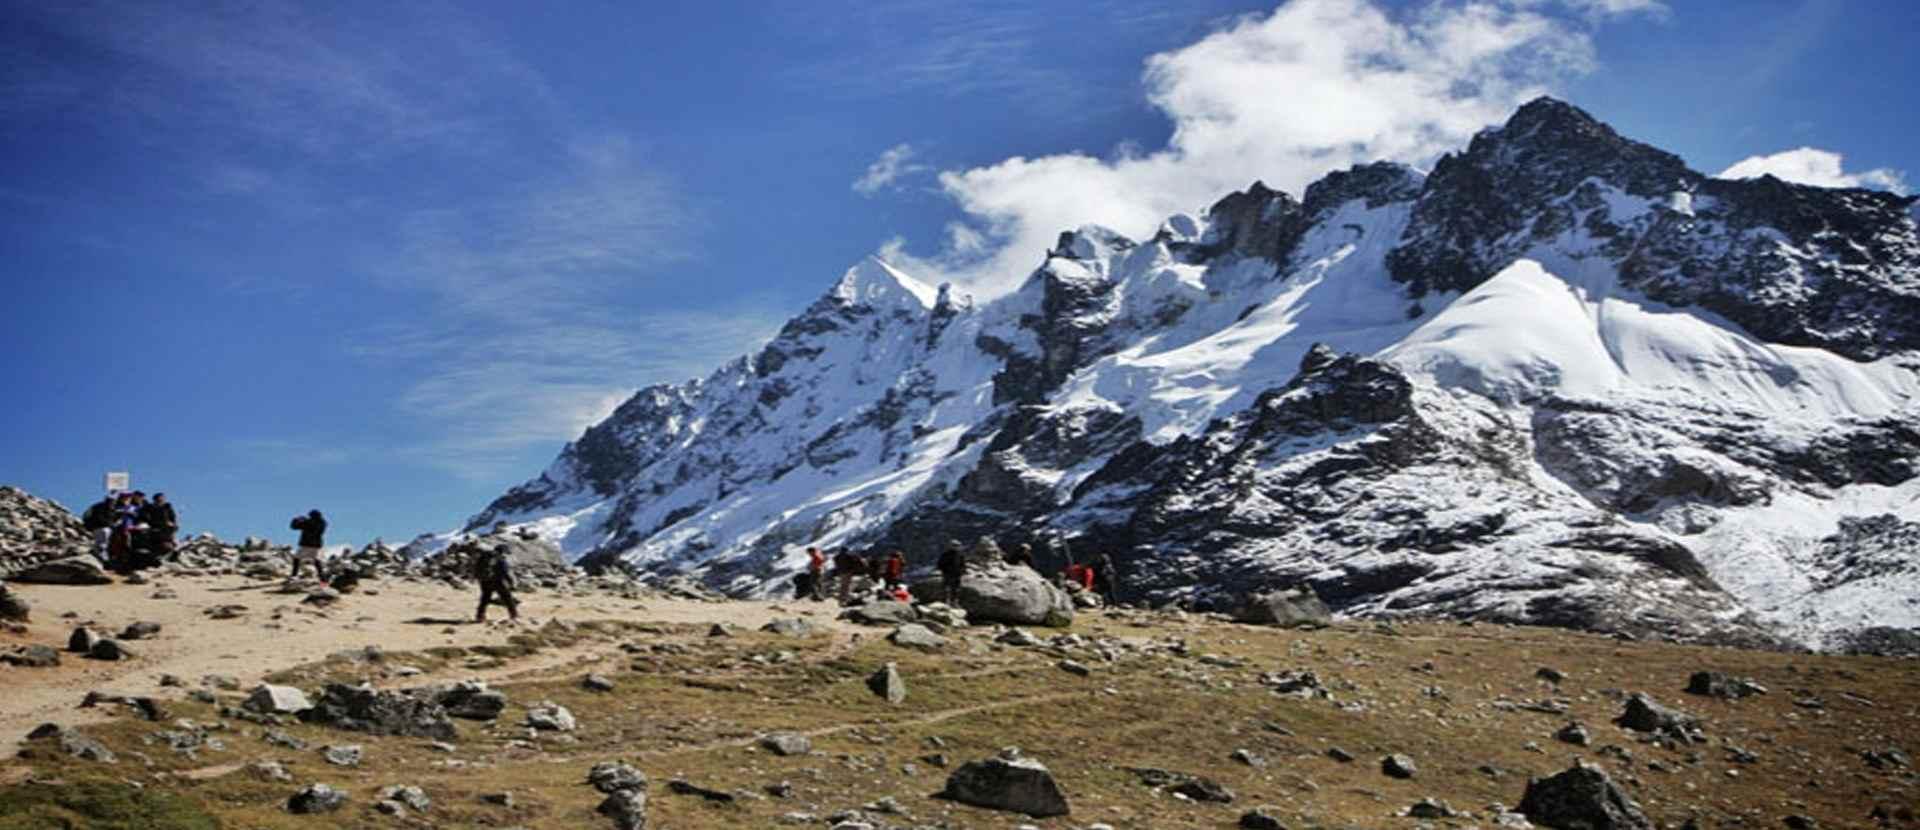 Salkantay Trek a MachuPicchu 5 dias - Inka Jungle Trek